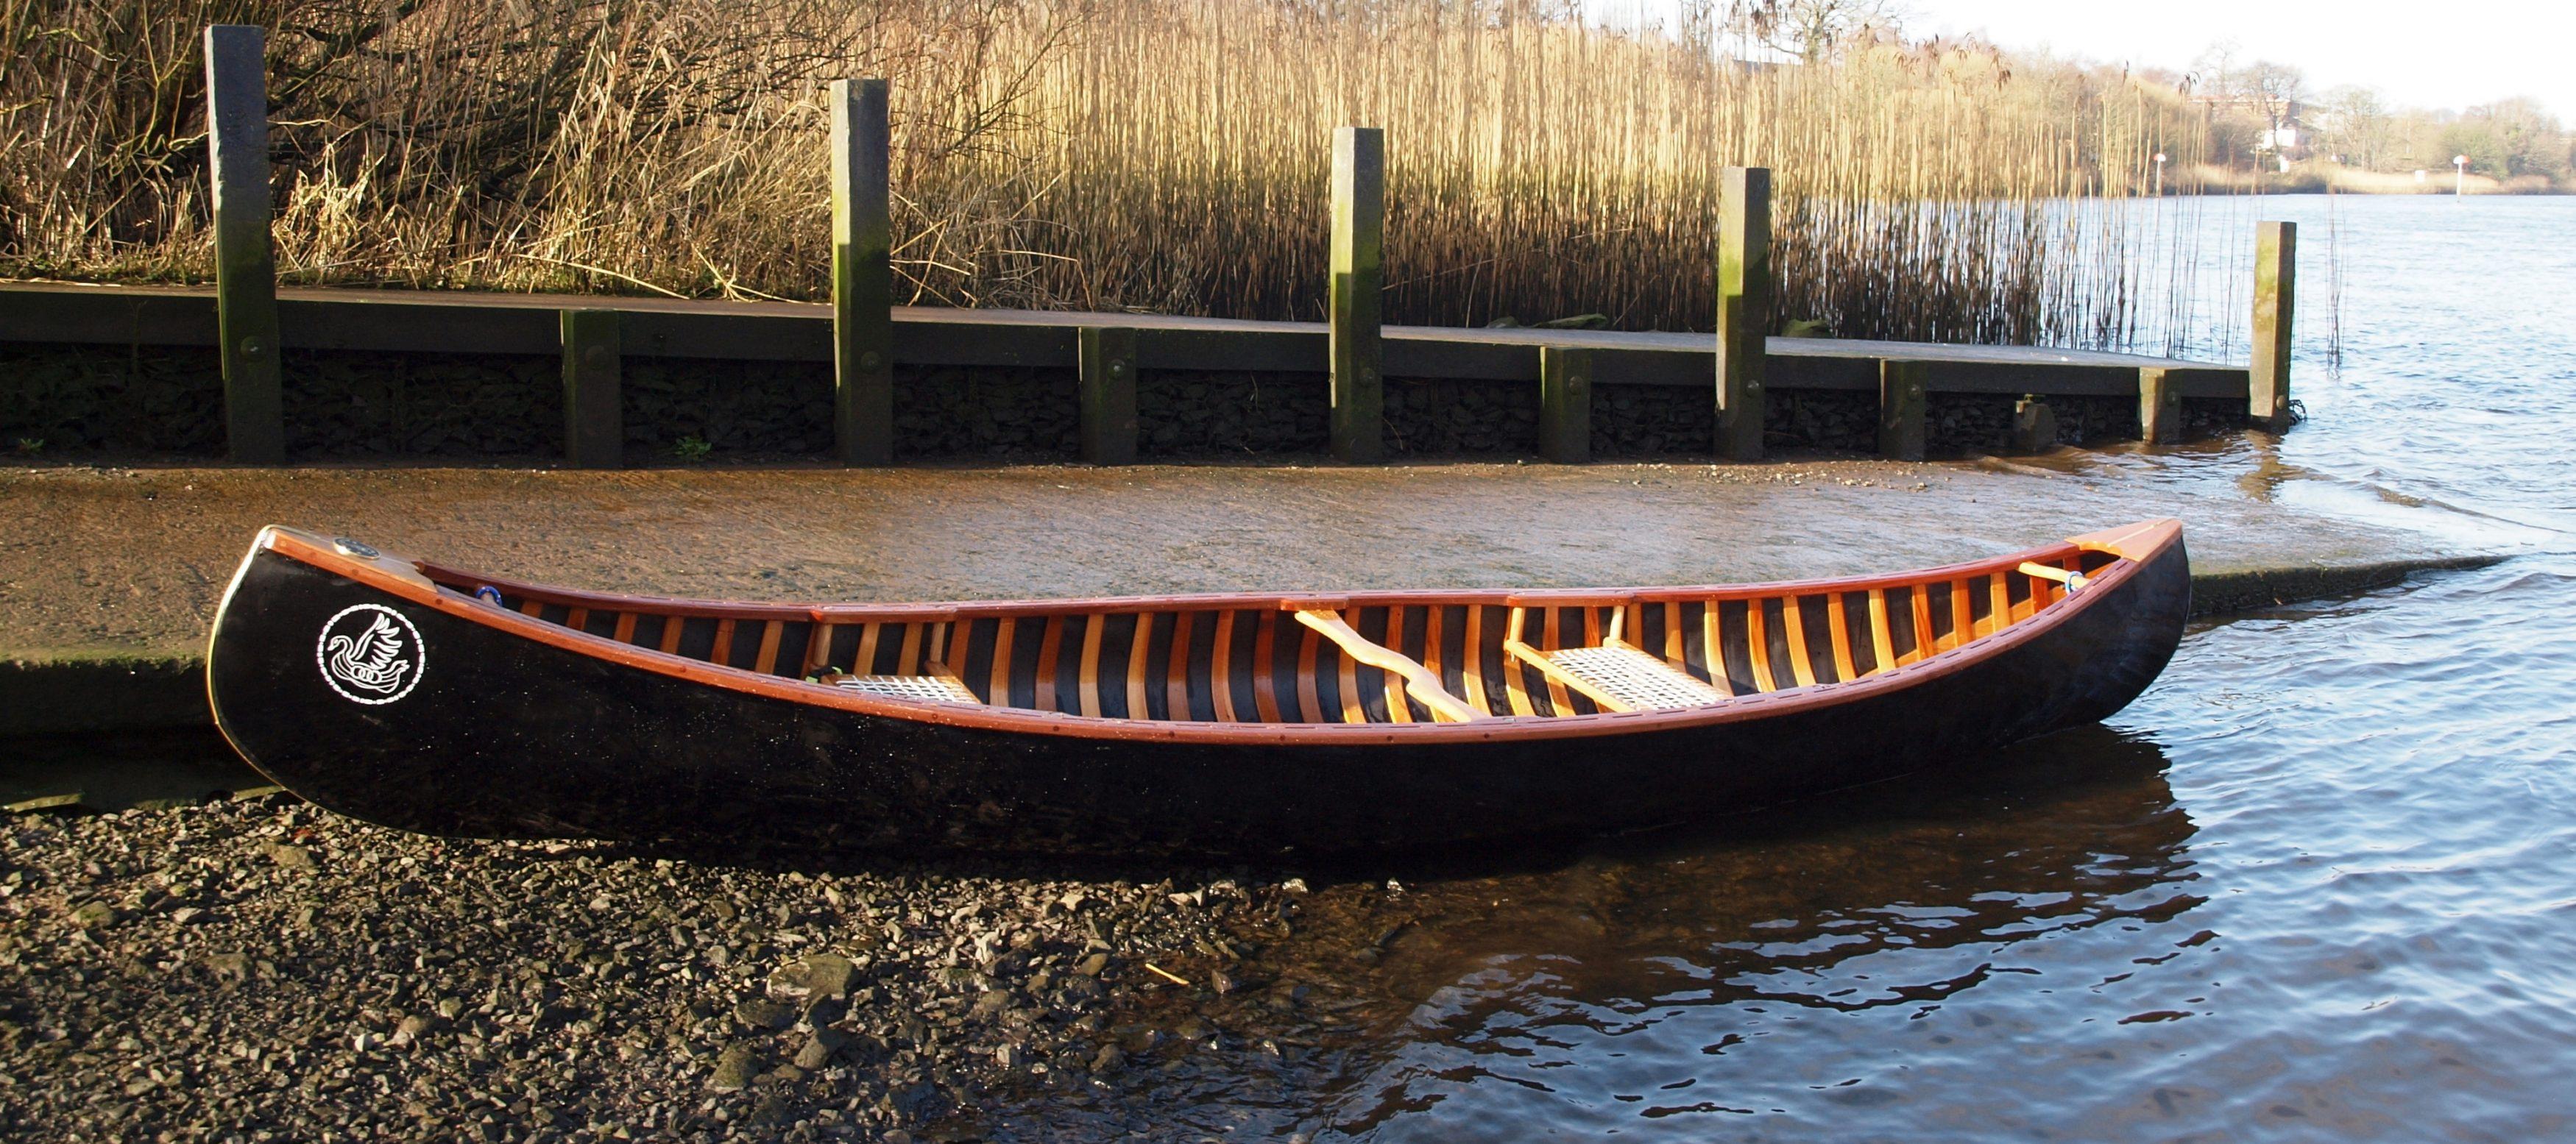 Merlin - Part planked Skin on Frame Open Canoe - Valkyrie Craft